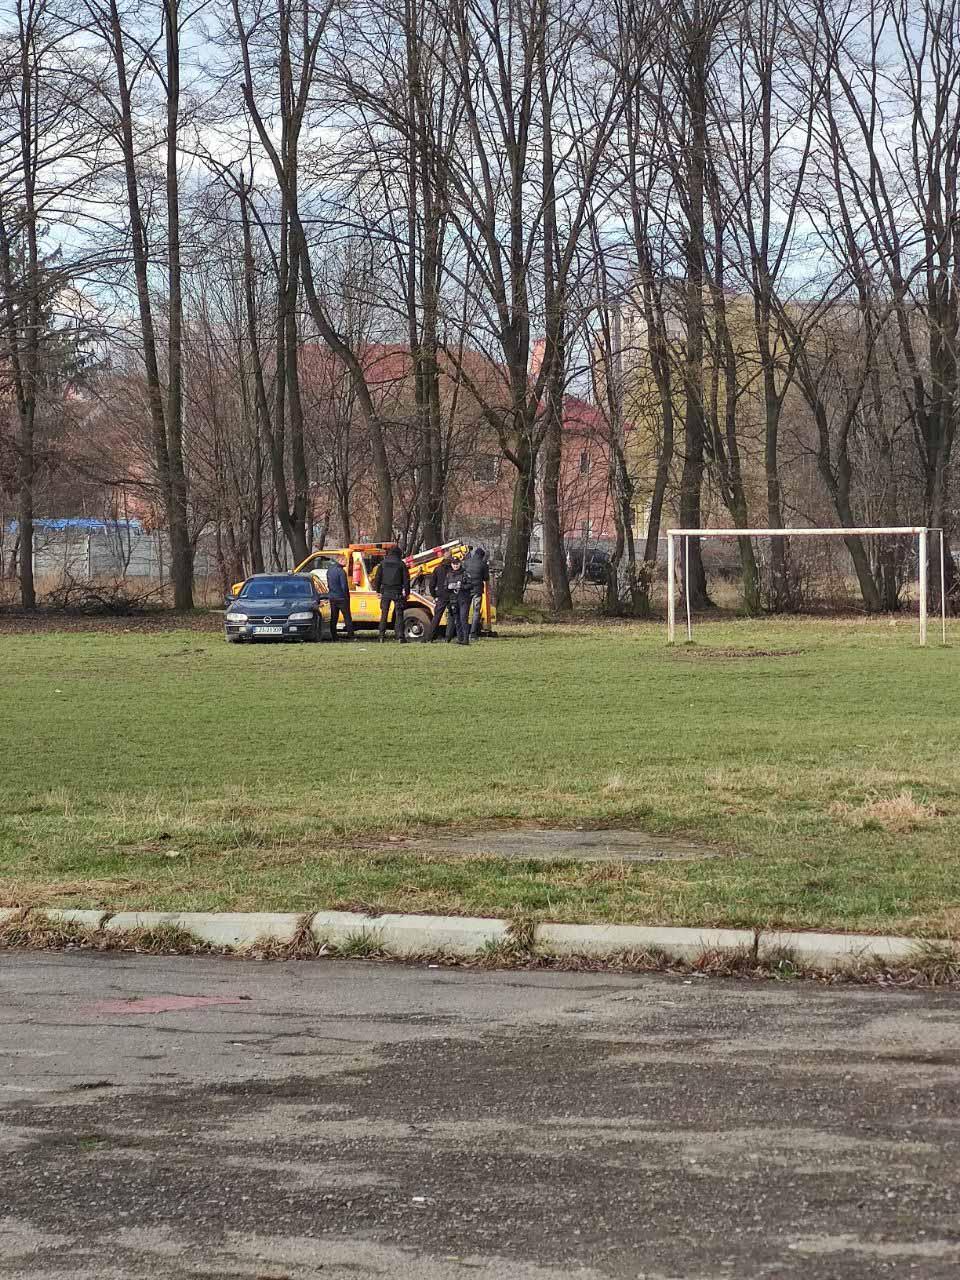 У Франківську п'яний водій запаркувався на футбольному полі. Машину евакуювали (ФОТОФАКТ)